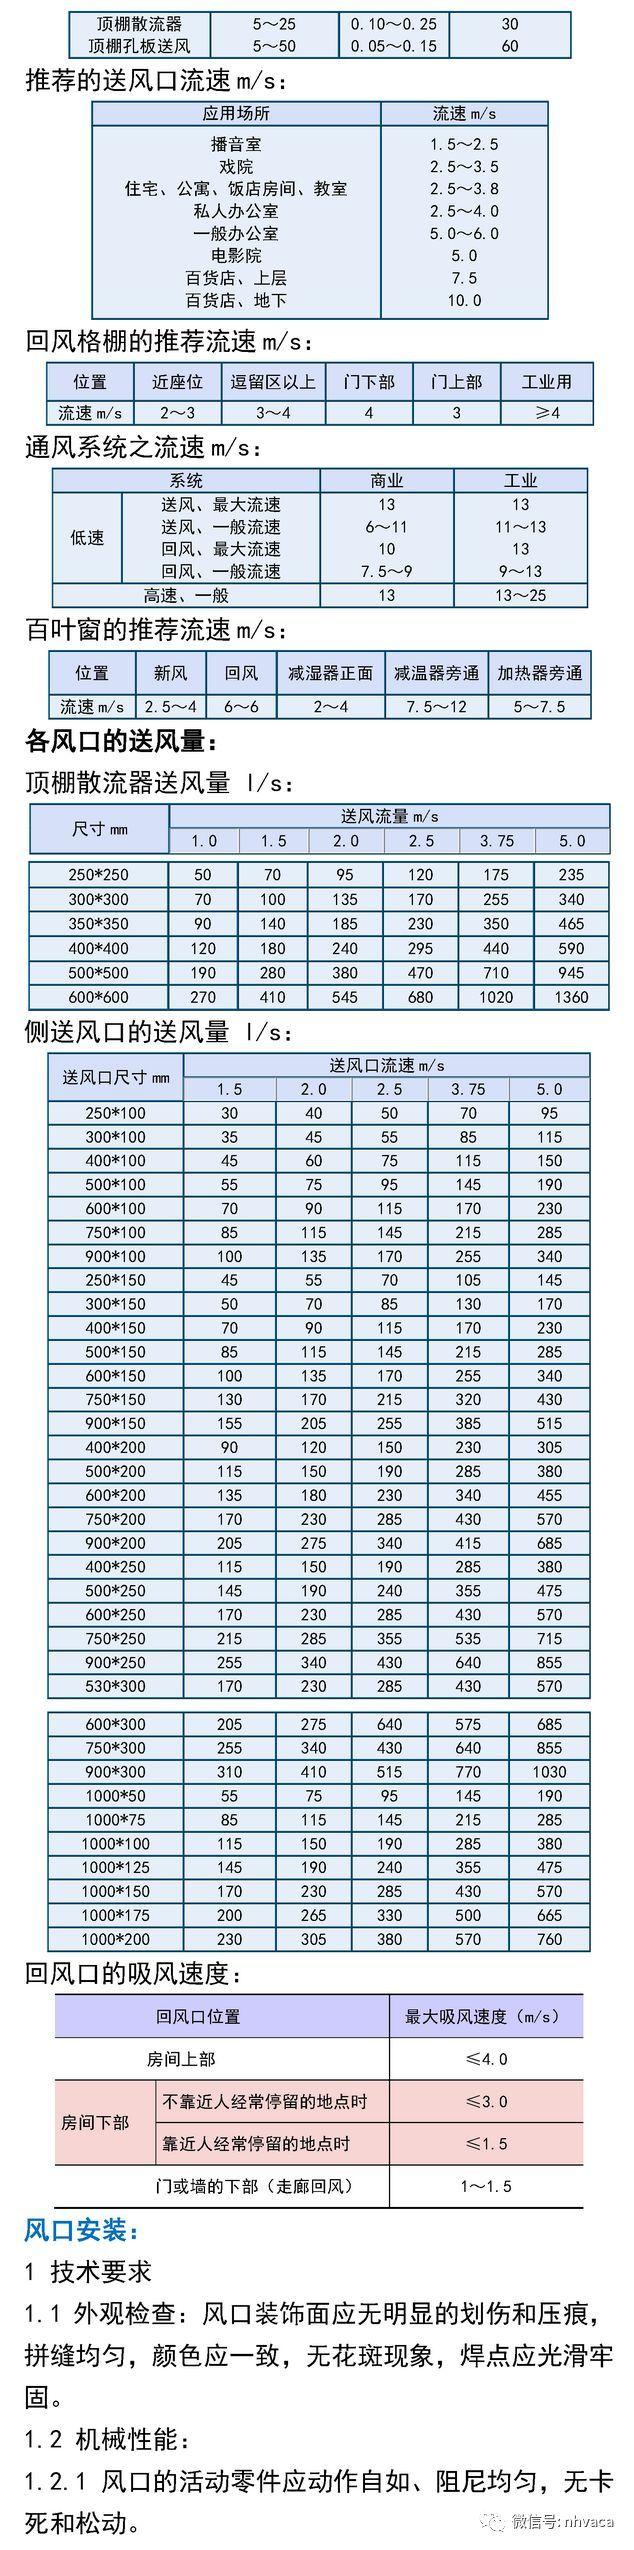 风口散流器与气流组织综合应用手册_17